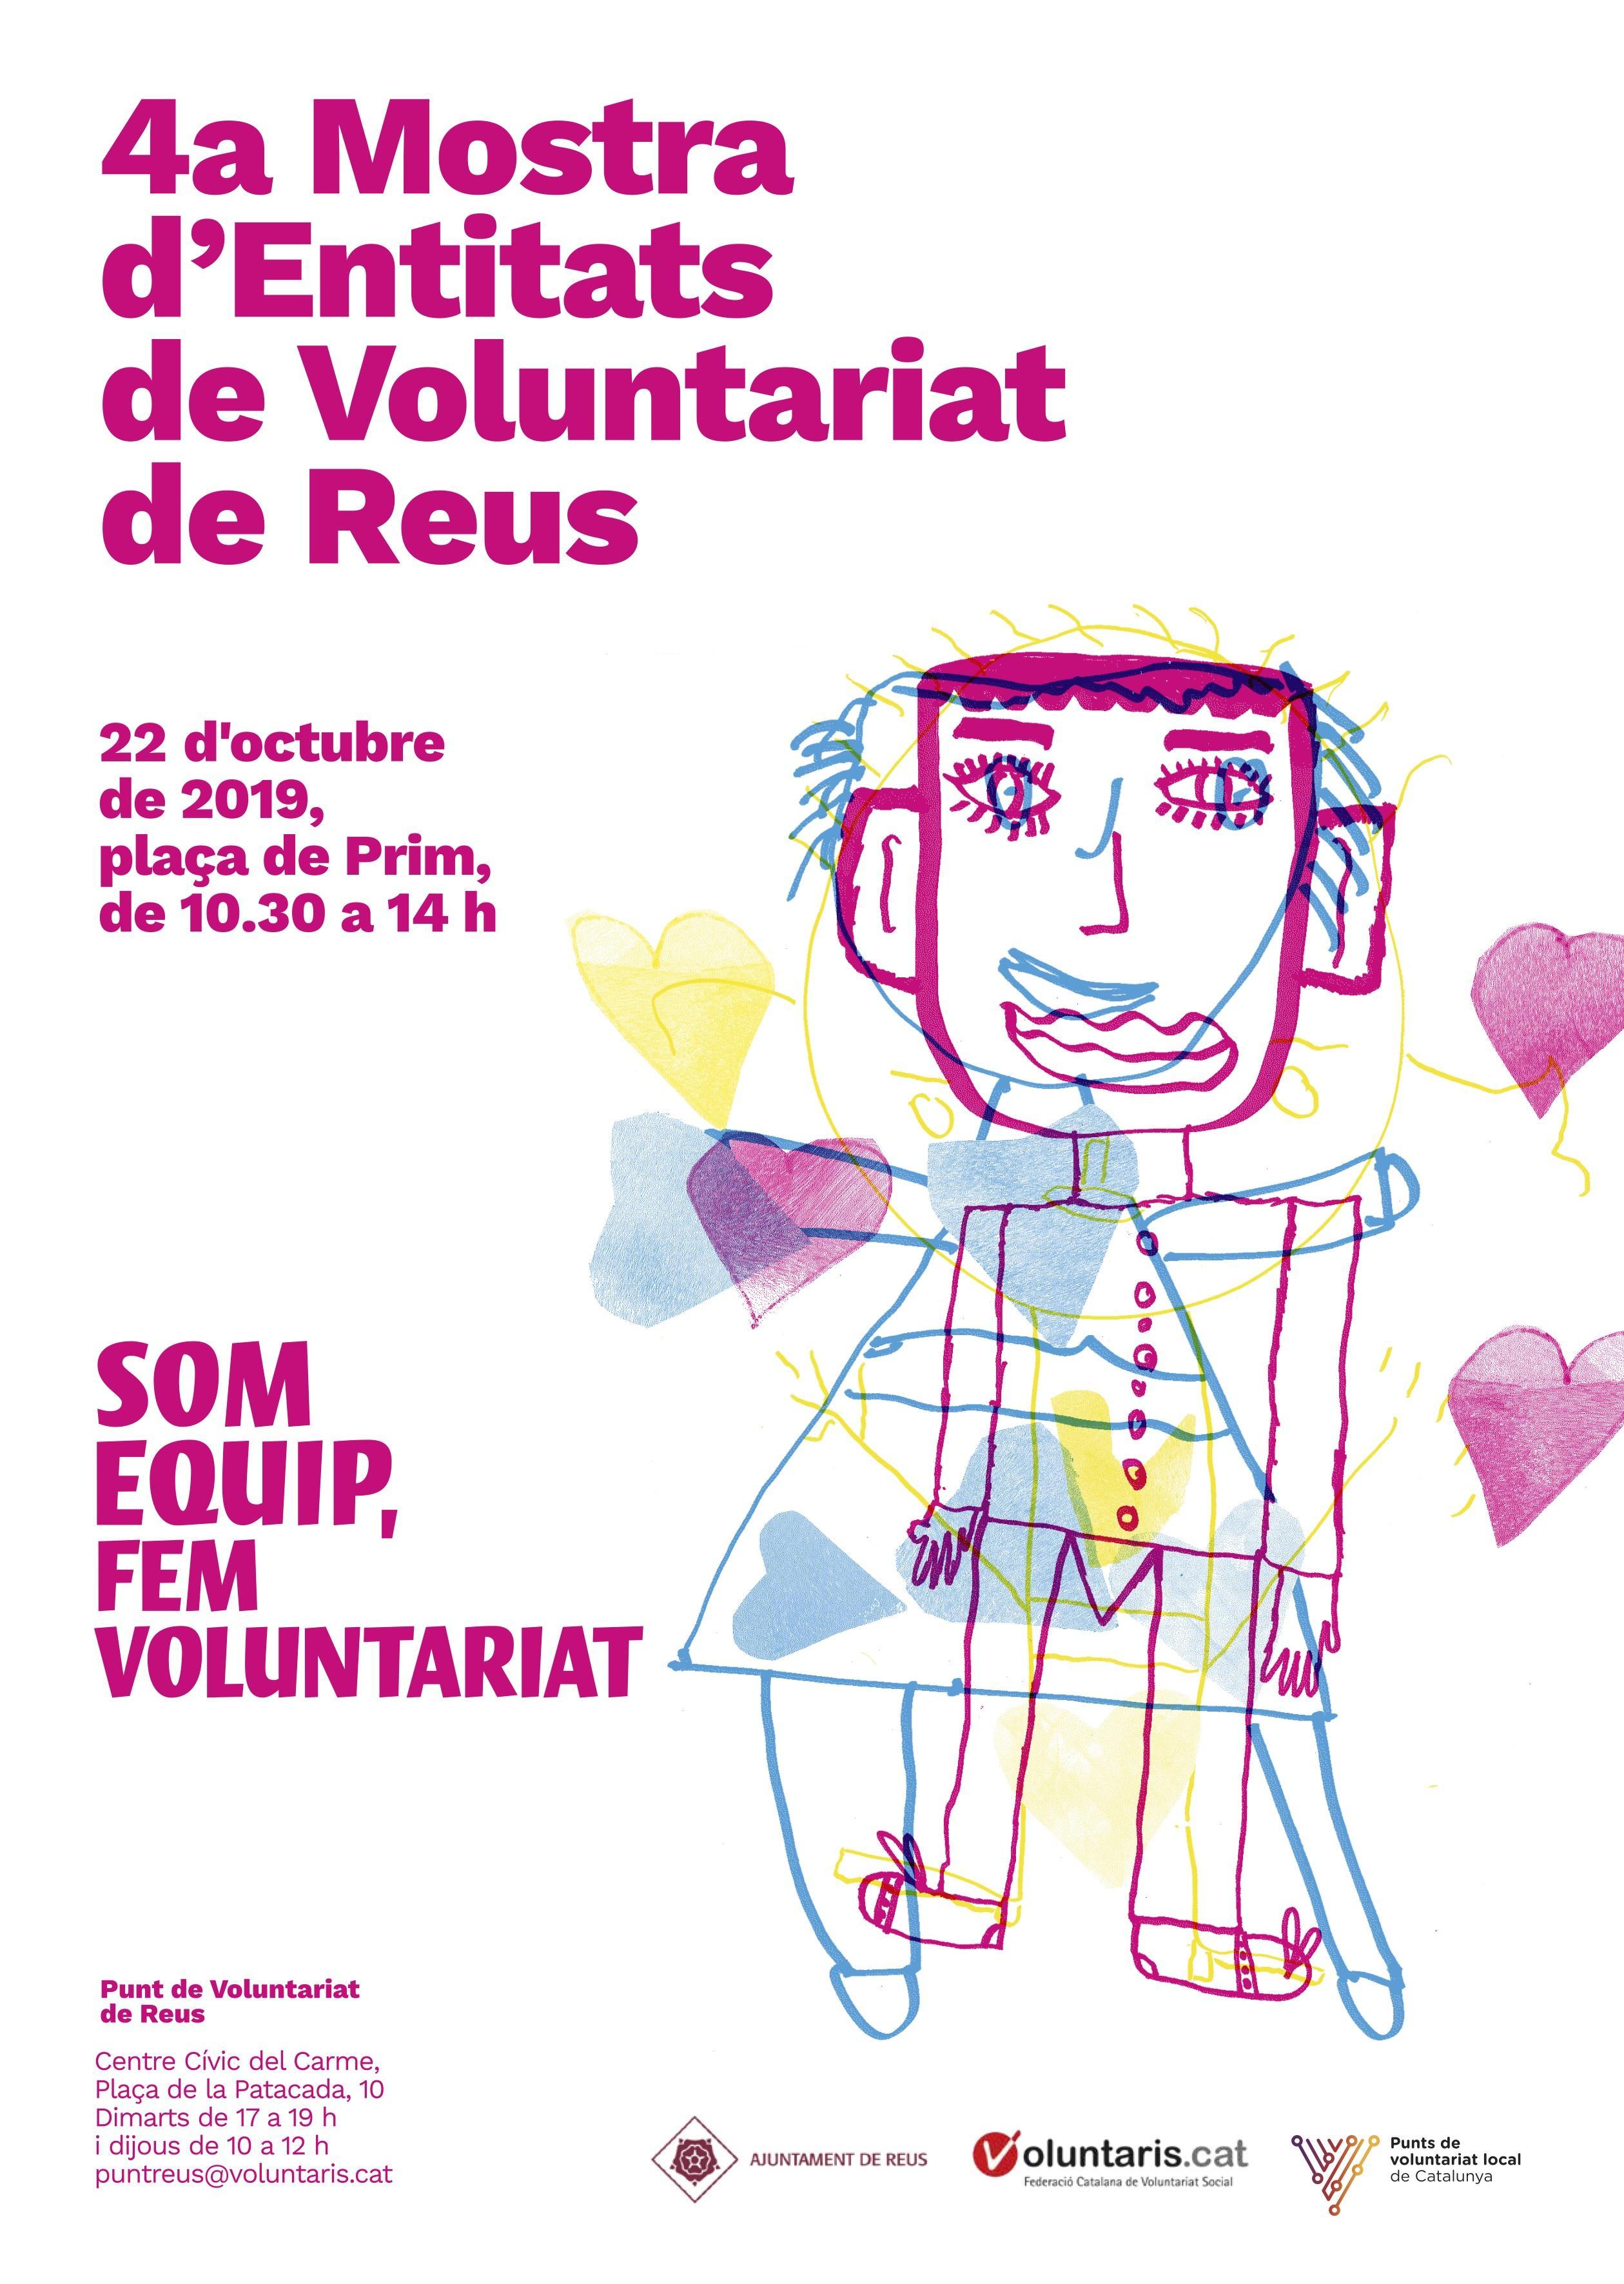 4a Mostra d'Entitats de Voluntariat de Reus